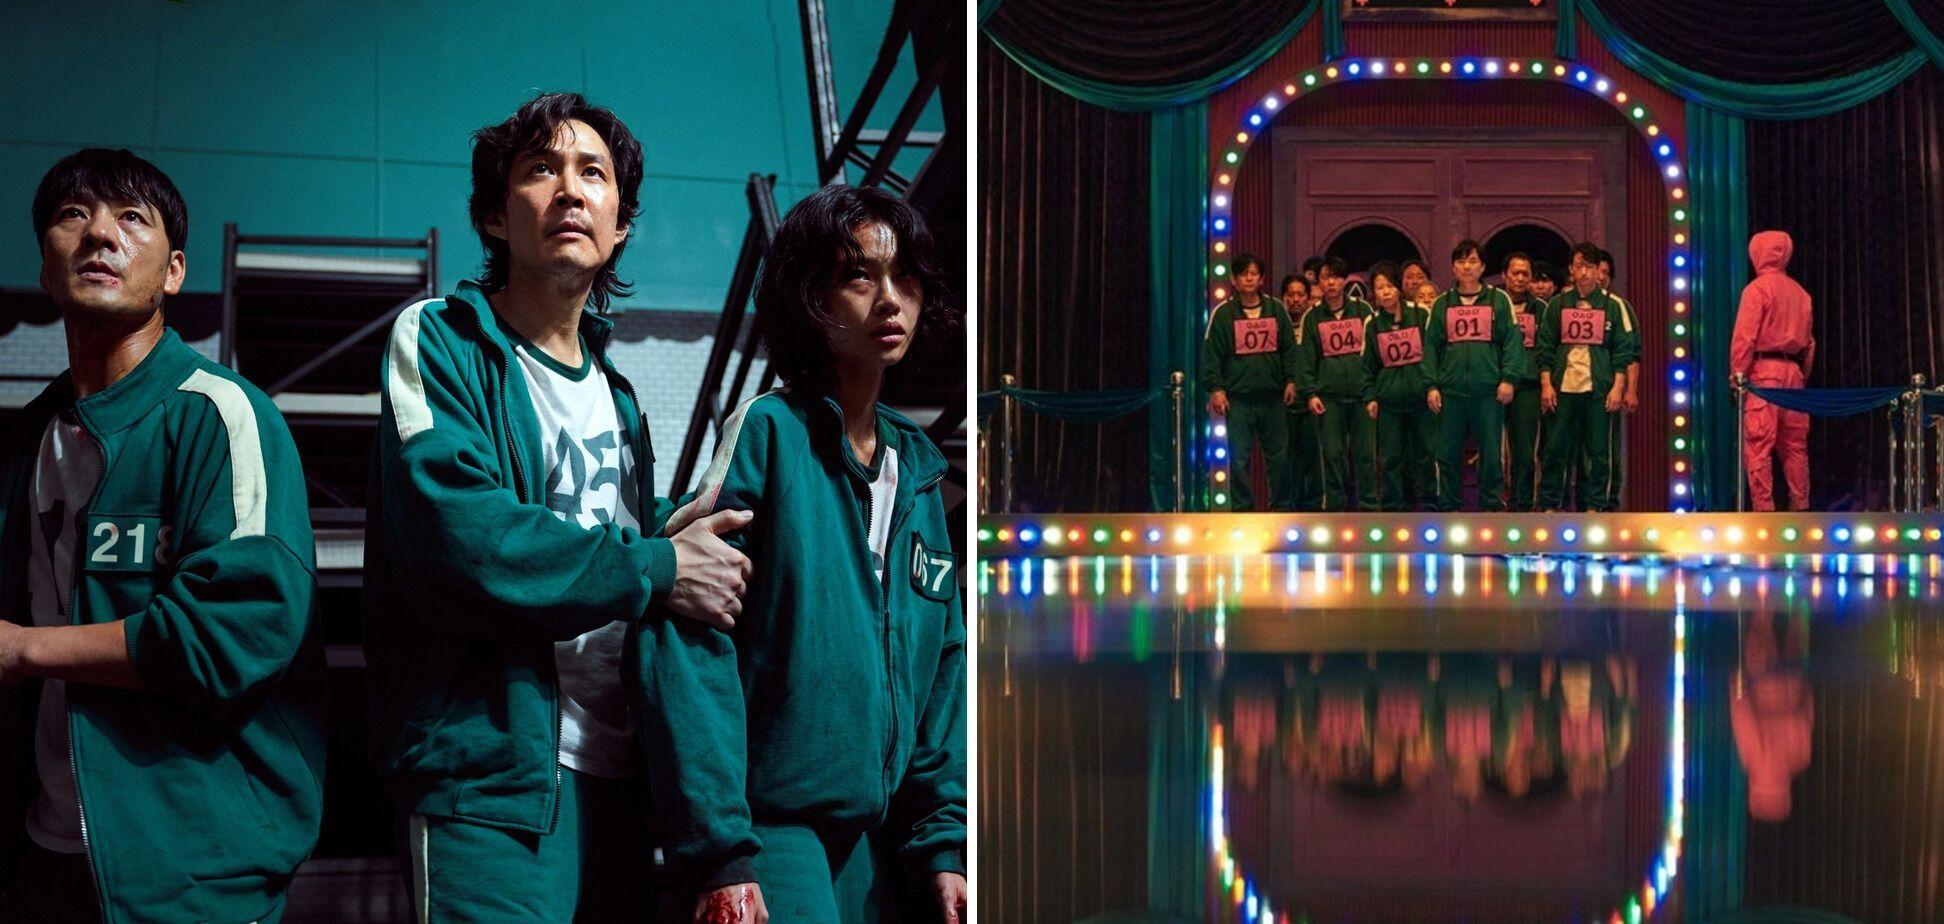 """Сериал """"Игра в кальмара"""" снял южнокорейский режиссер Хван Дон-хек."""